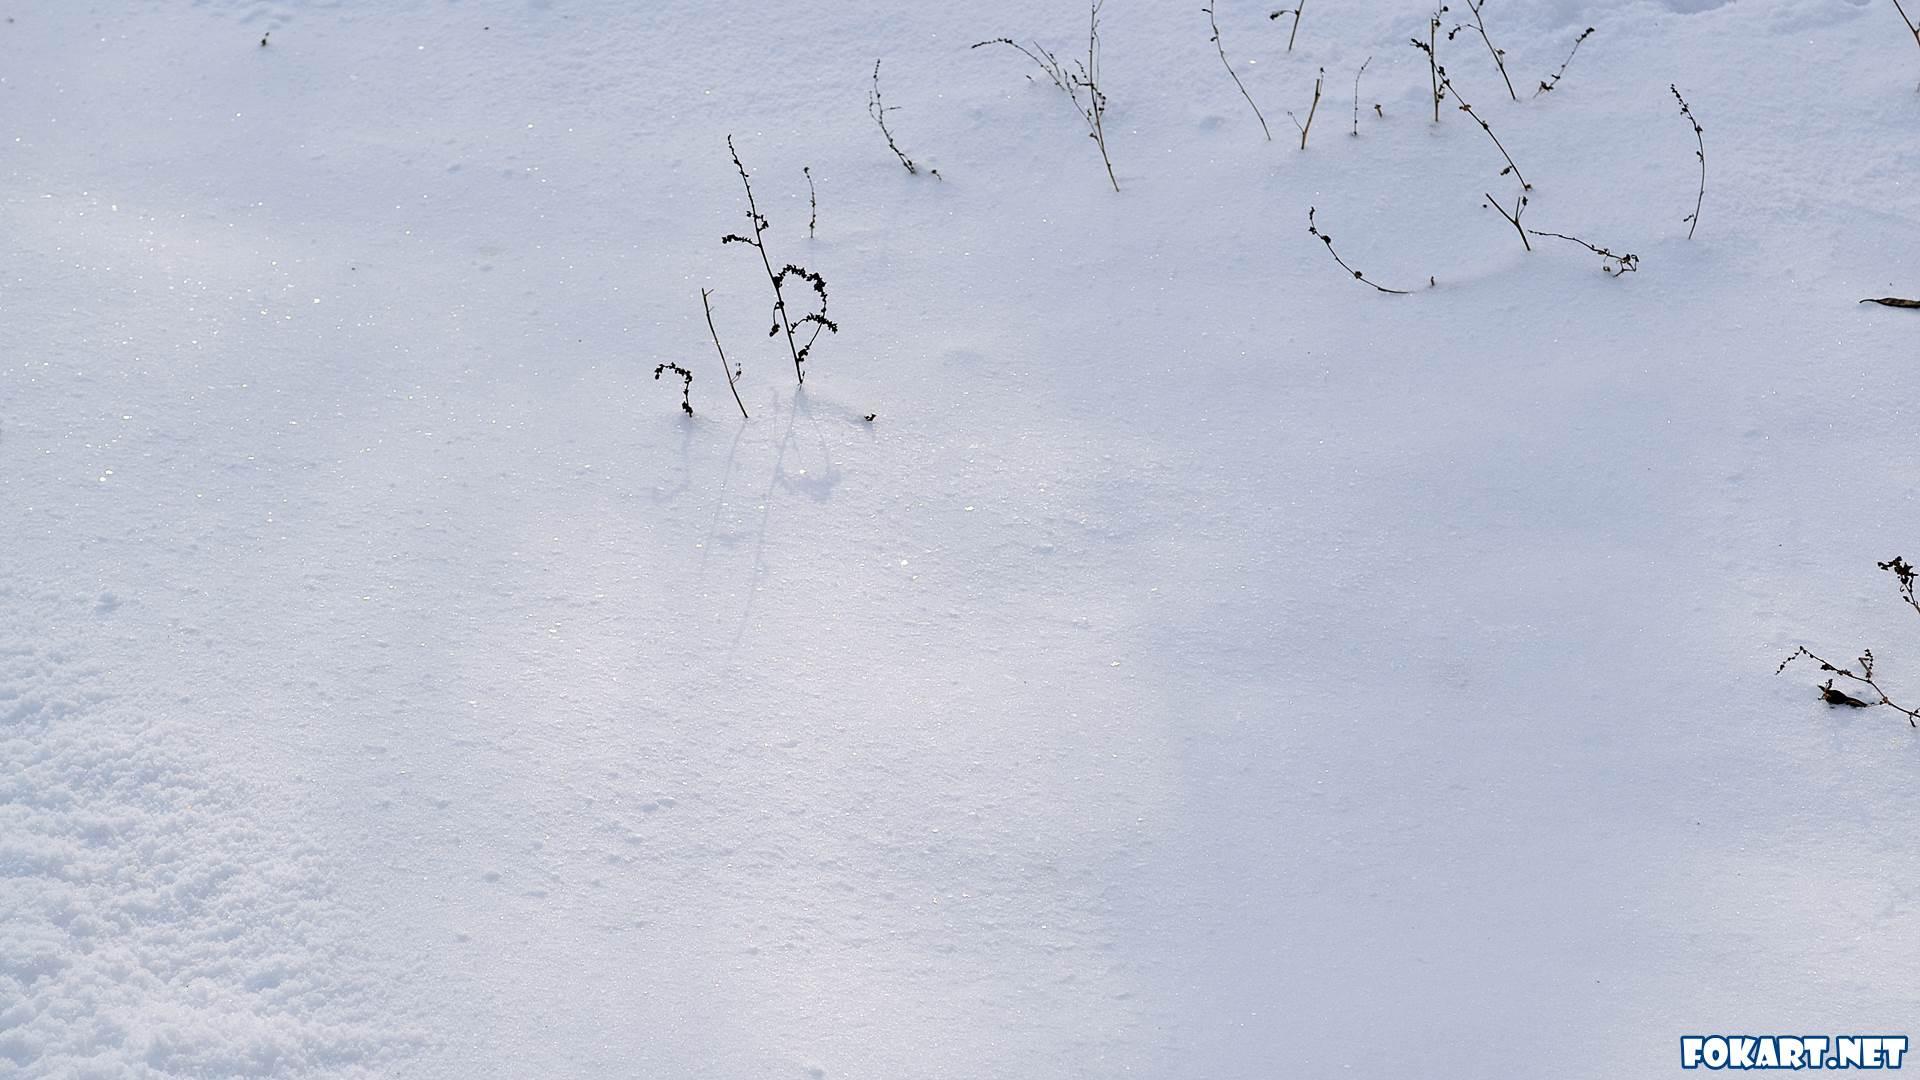 Свежевыпавший глубокий снег блестит в мягком свете лучей послеобеденного солнца